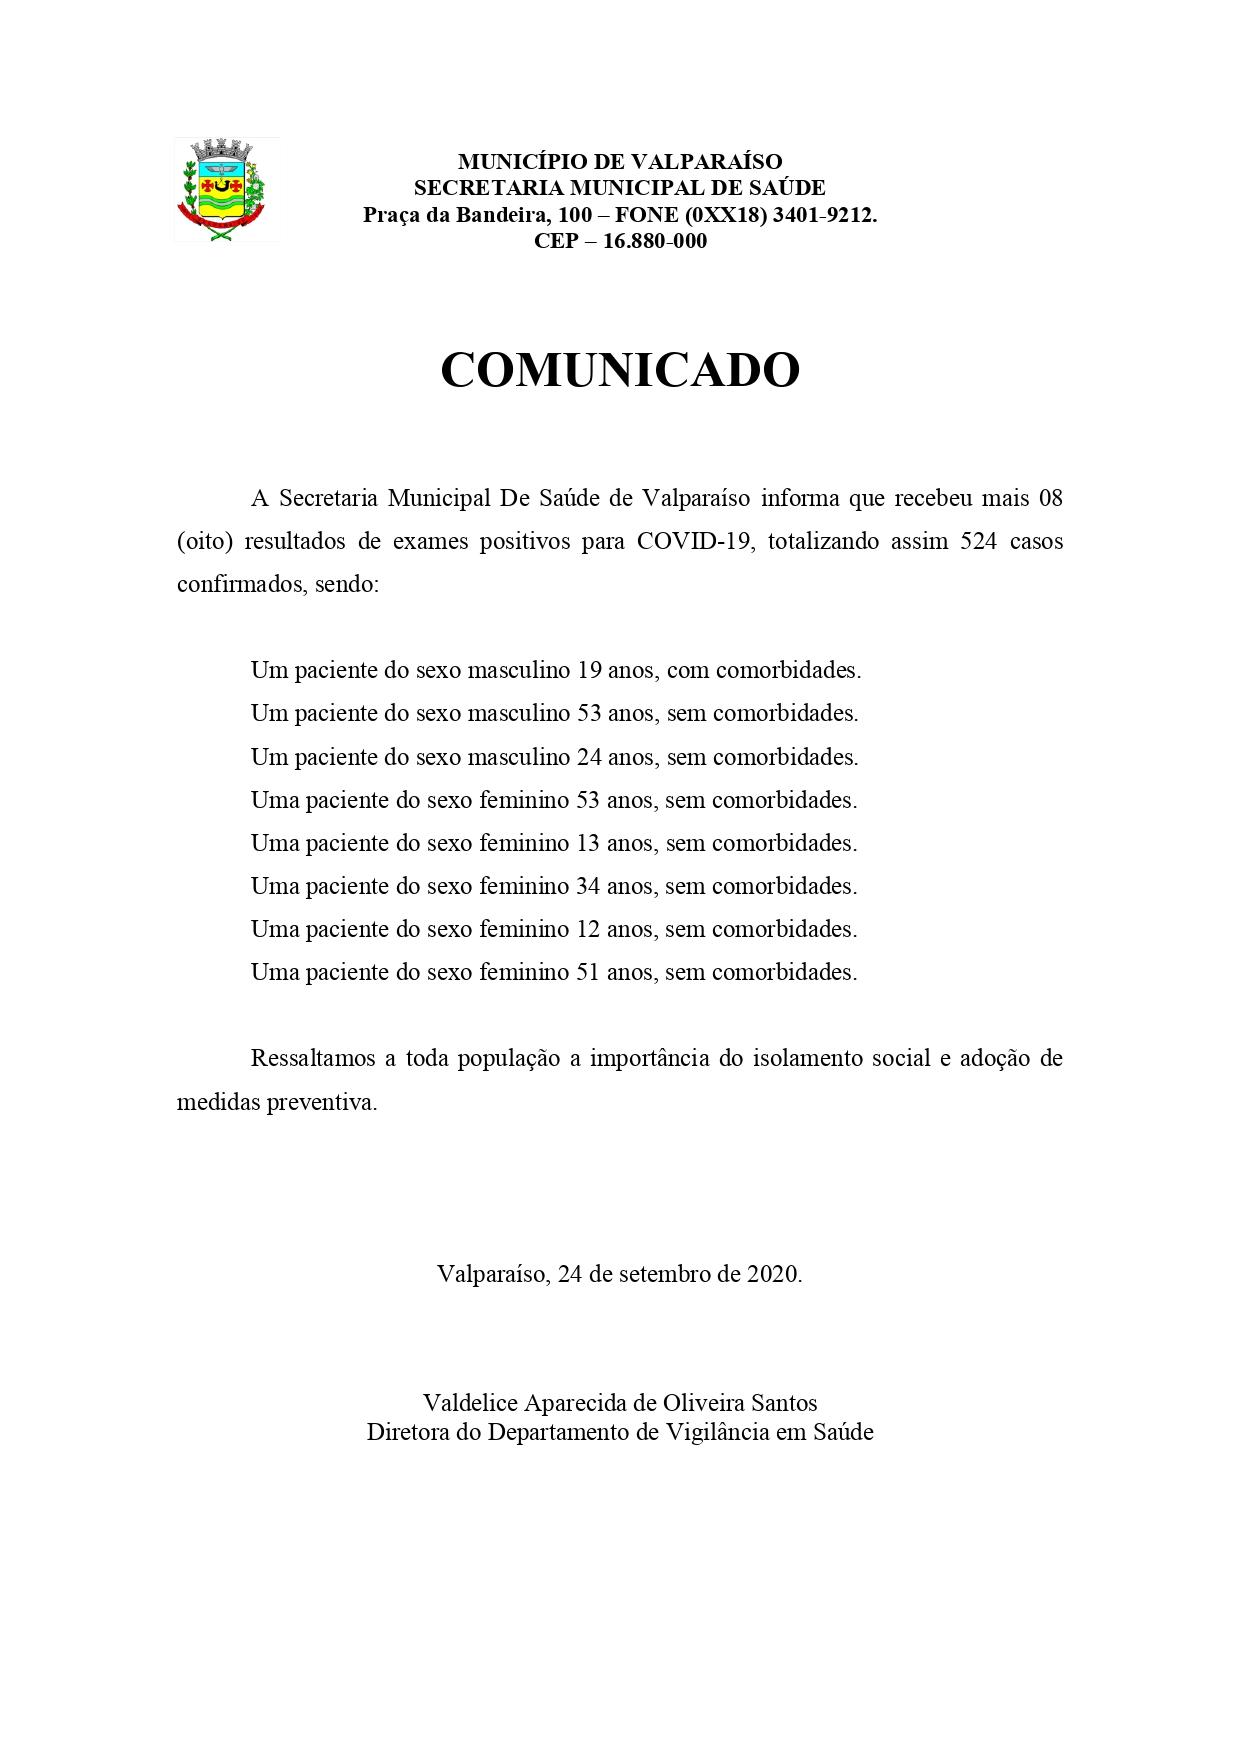 covid524